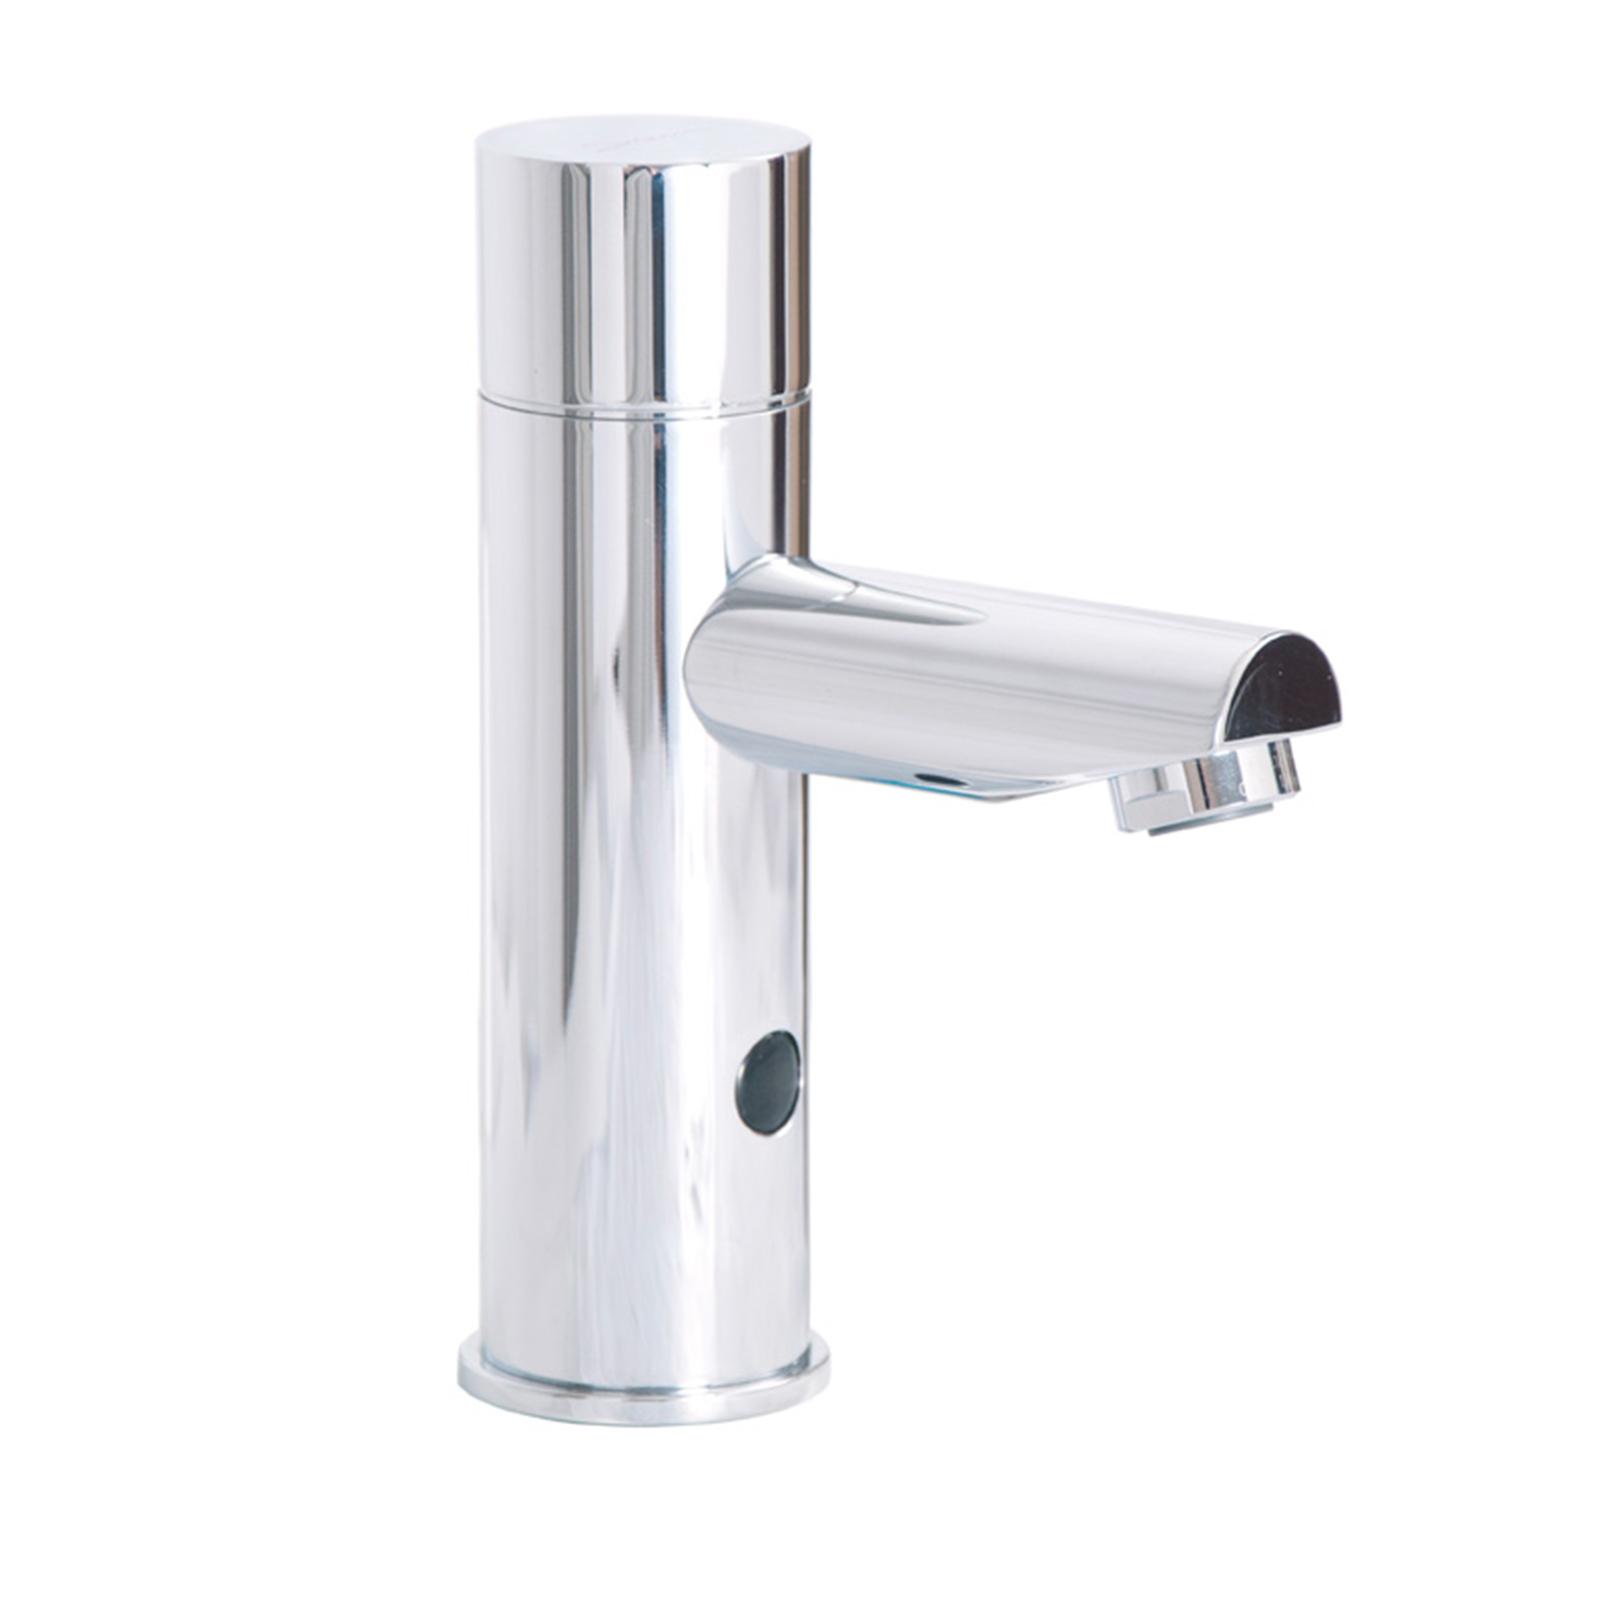 BK Resources BKF-KAI-9H-G faucet, electronic